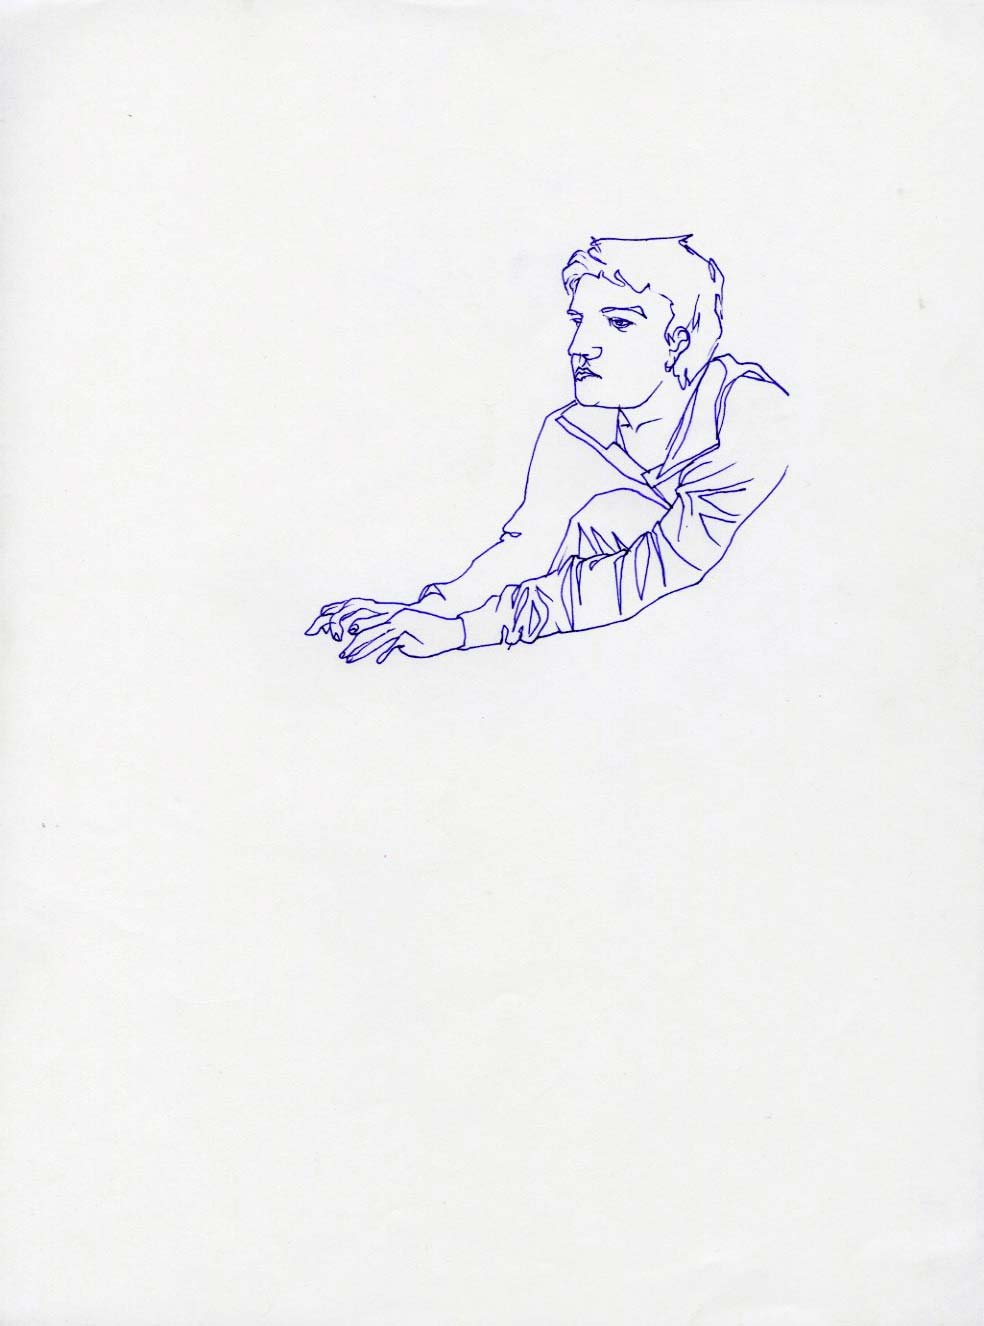 drawings4020.jpg